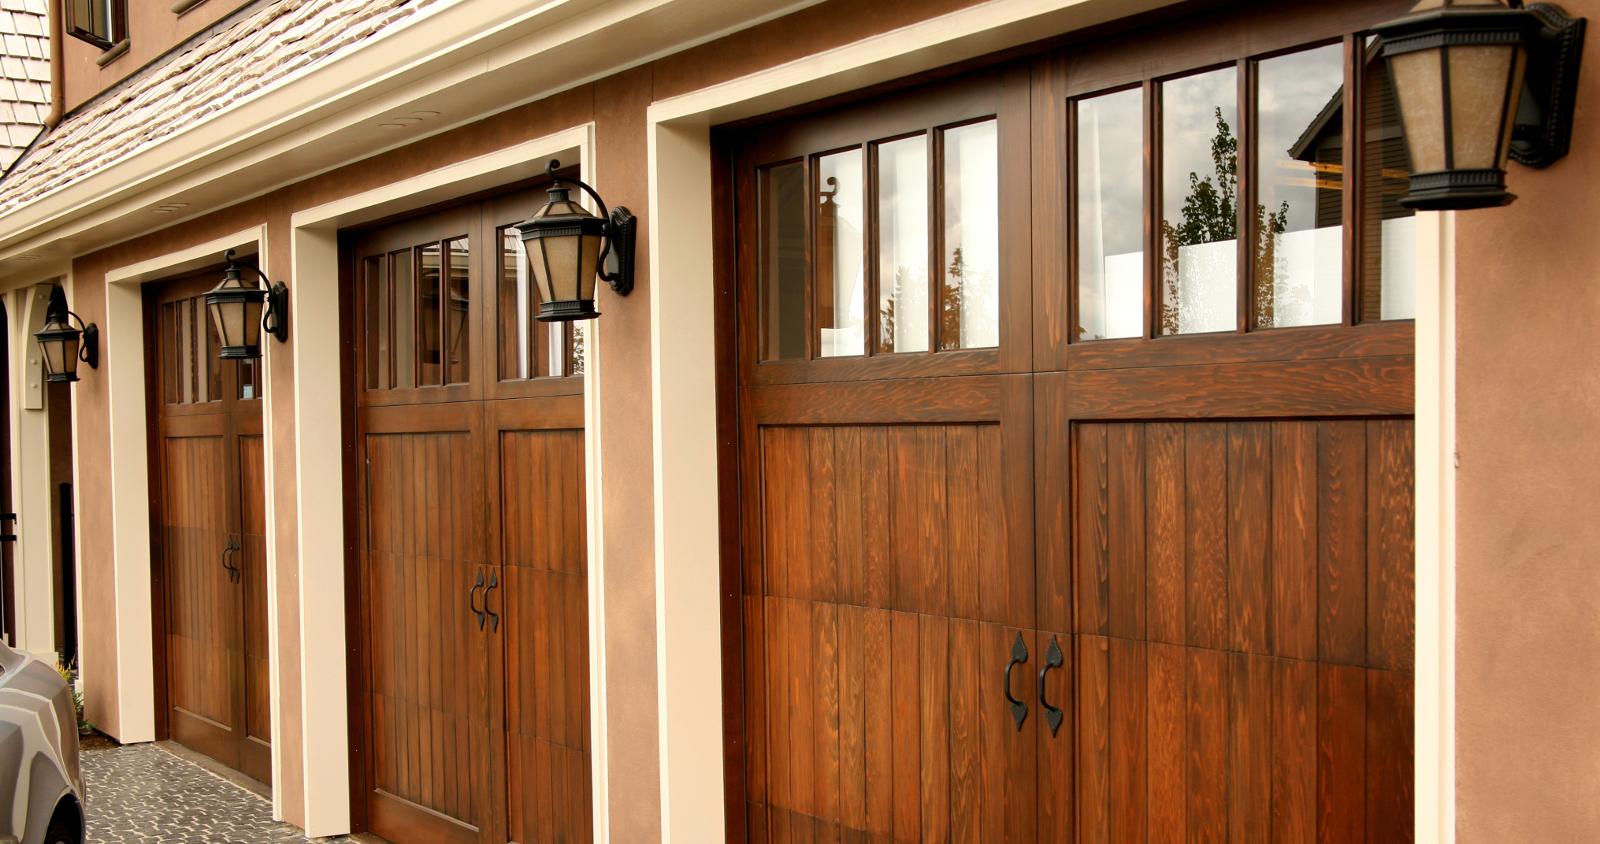 Garage doors sales installation repair more aaa door guys inc rubansaba